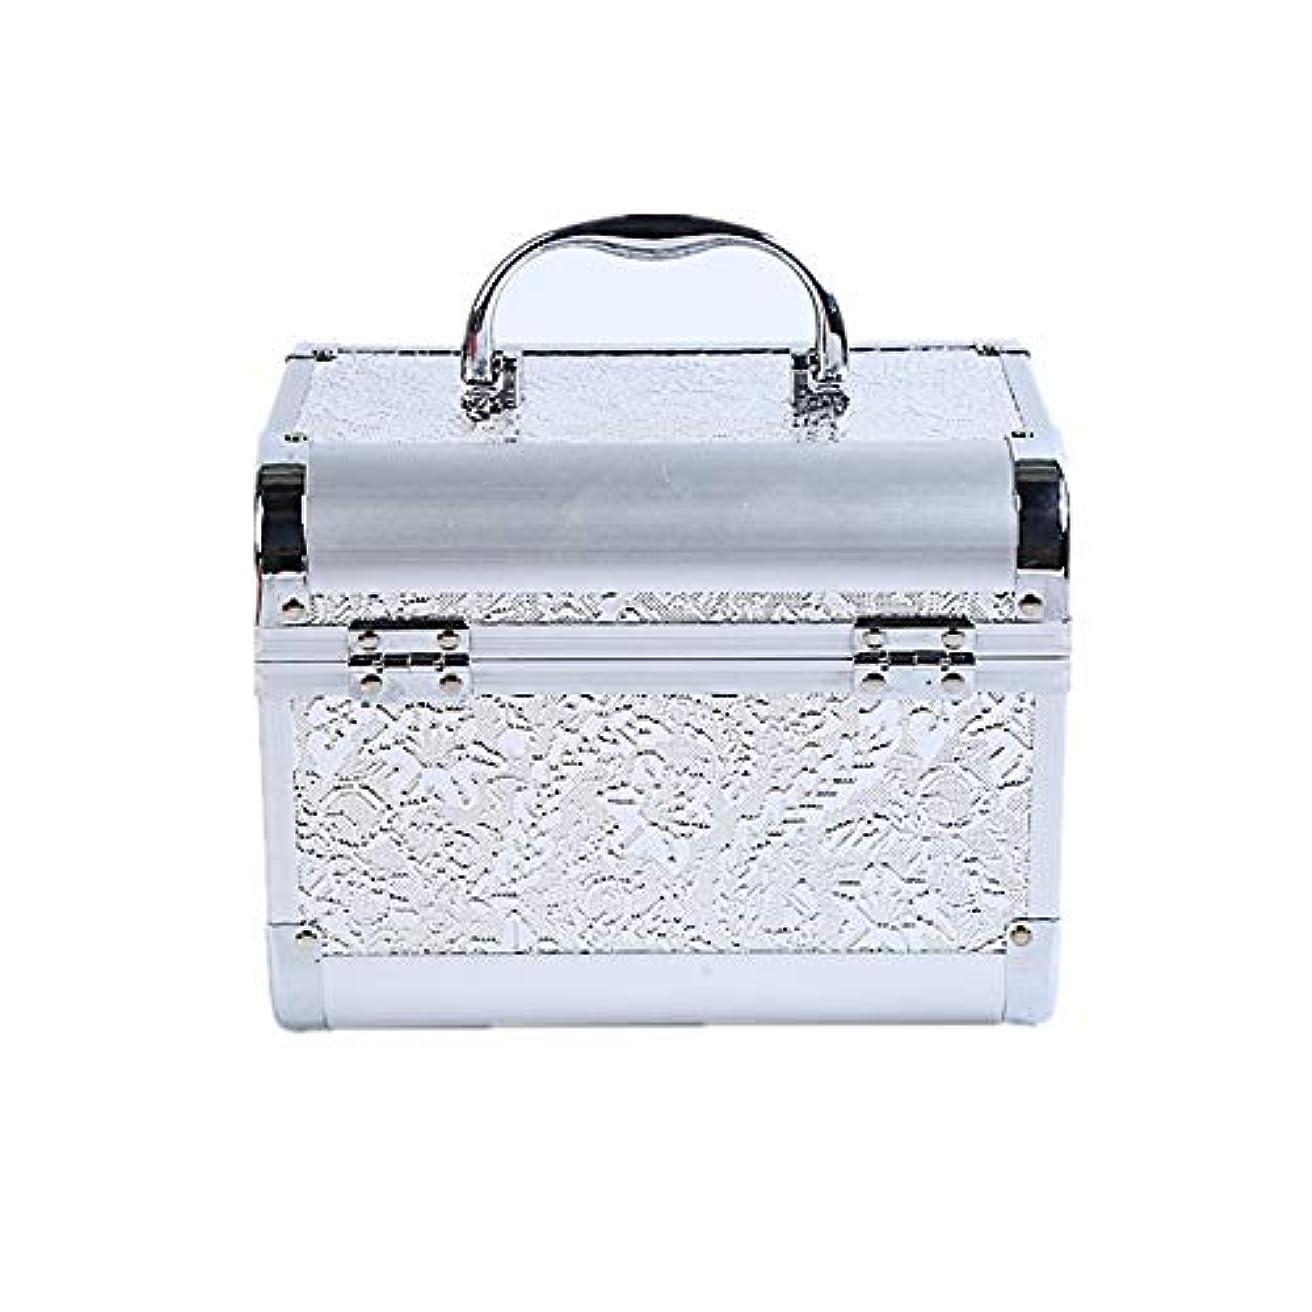 祝福韓国食事化粧オーガナイザーバッグ コード化されたロックと化粧鏡で小さなものの種類の旅行のための美容メイクアップのための白い化粧ケース 化粧品ケース